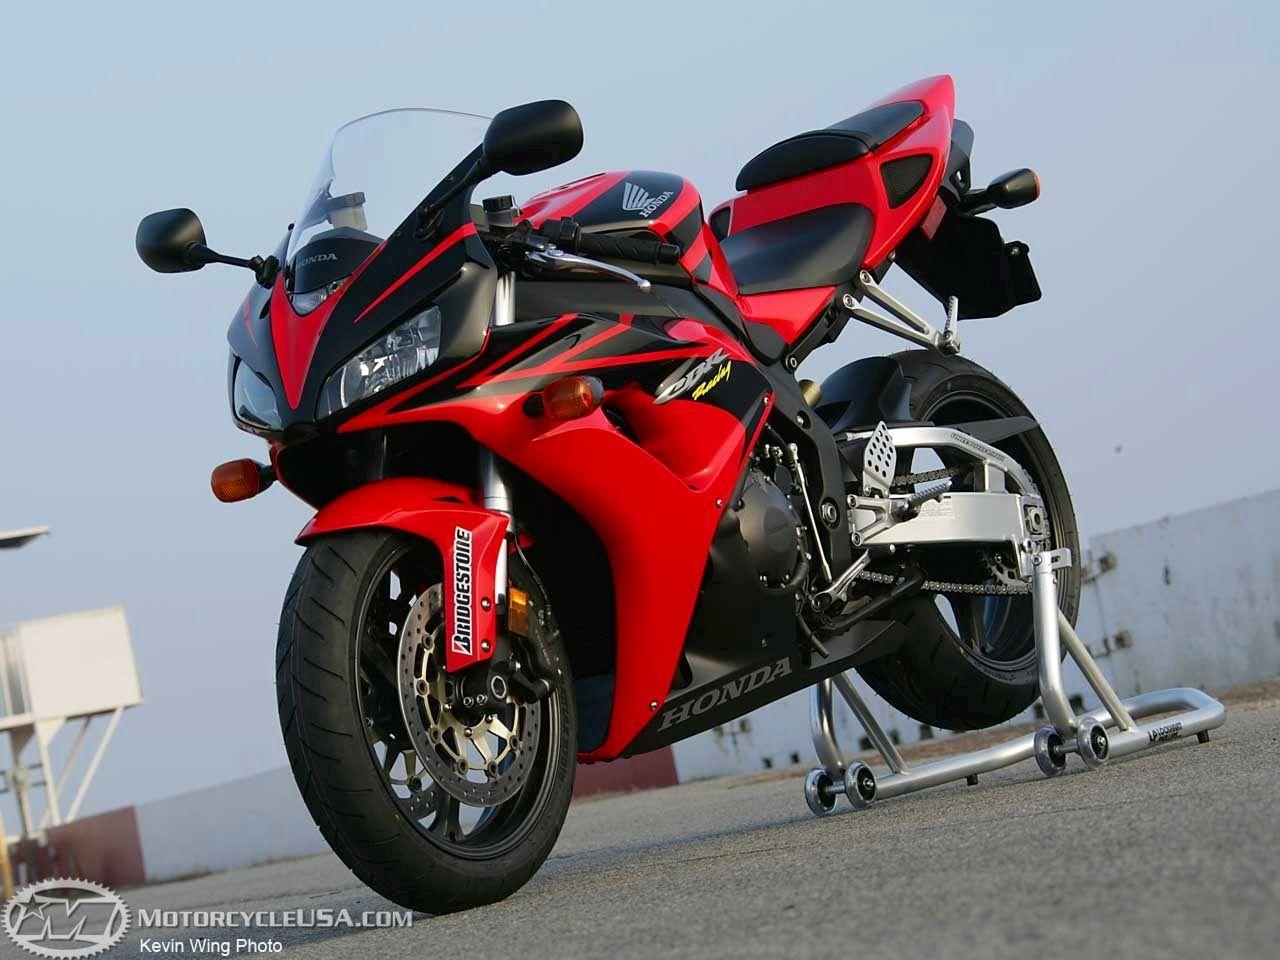 Honda 1000rr Honda Cbr Honda Honda Cbr 1000rr